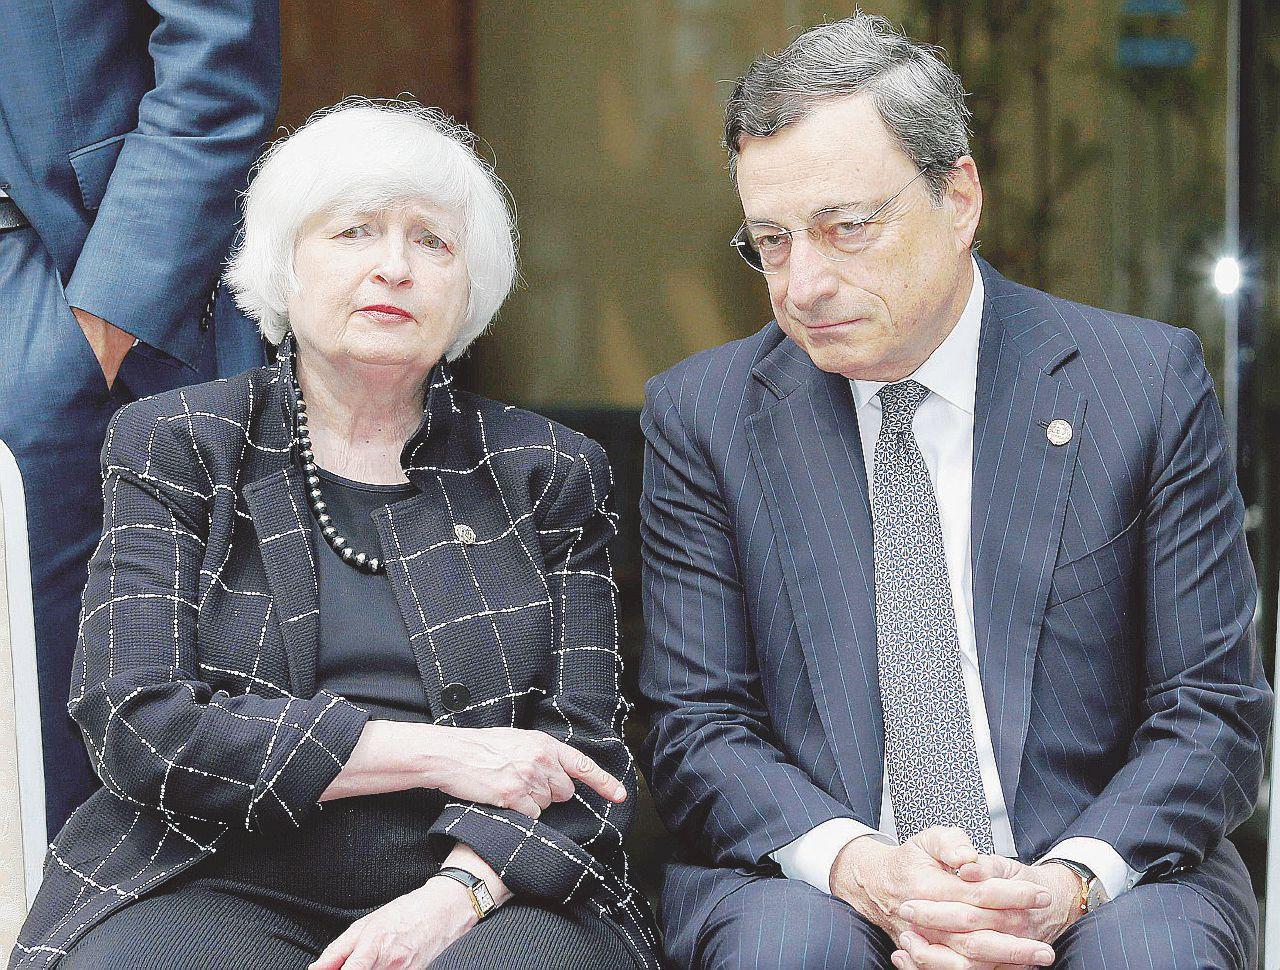 Il super-euro che rischia di schiantare la ripresina